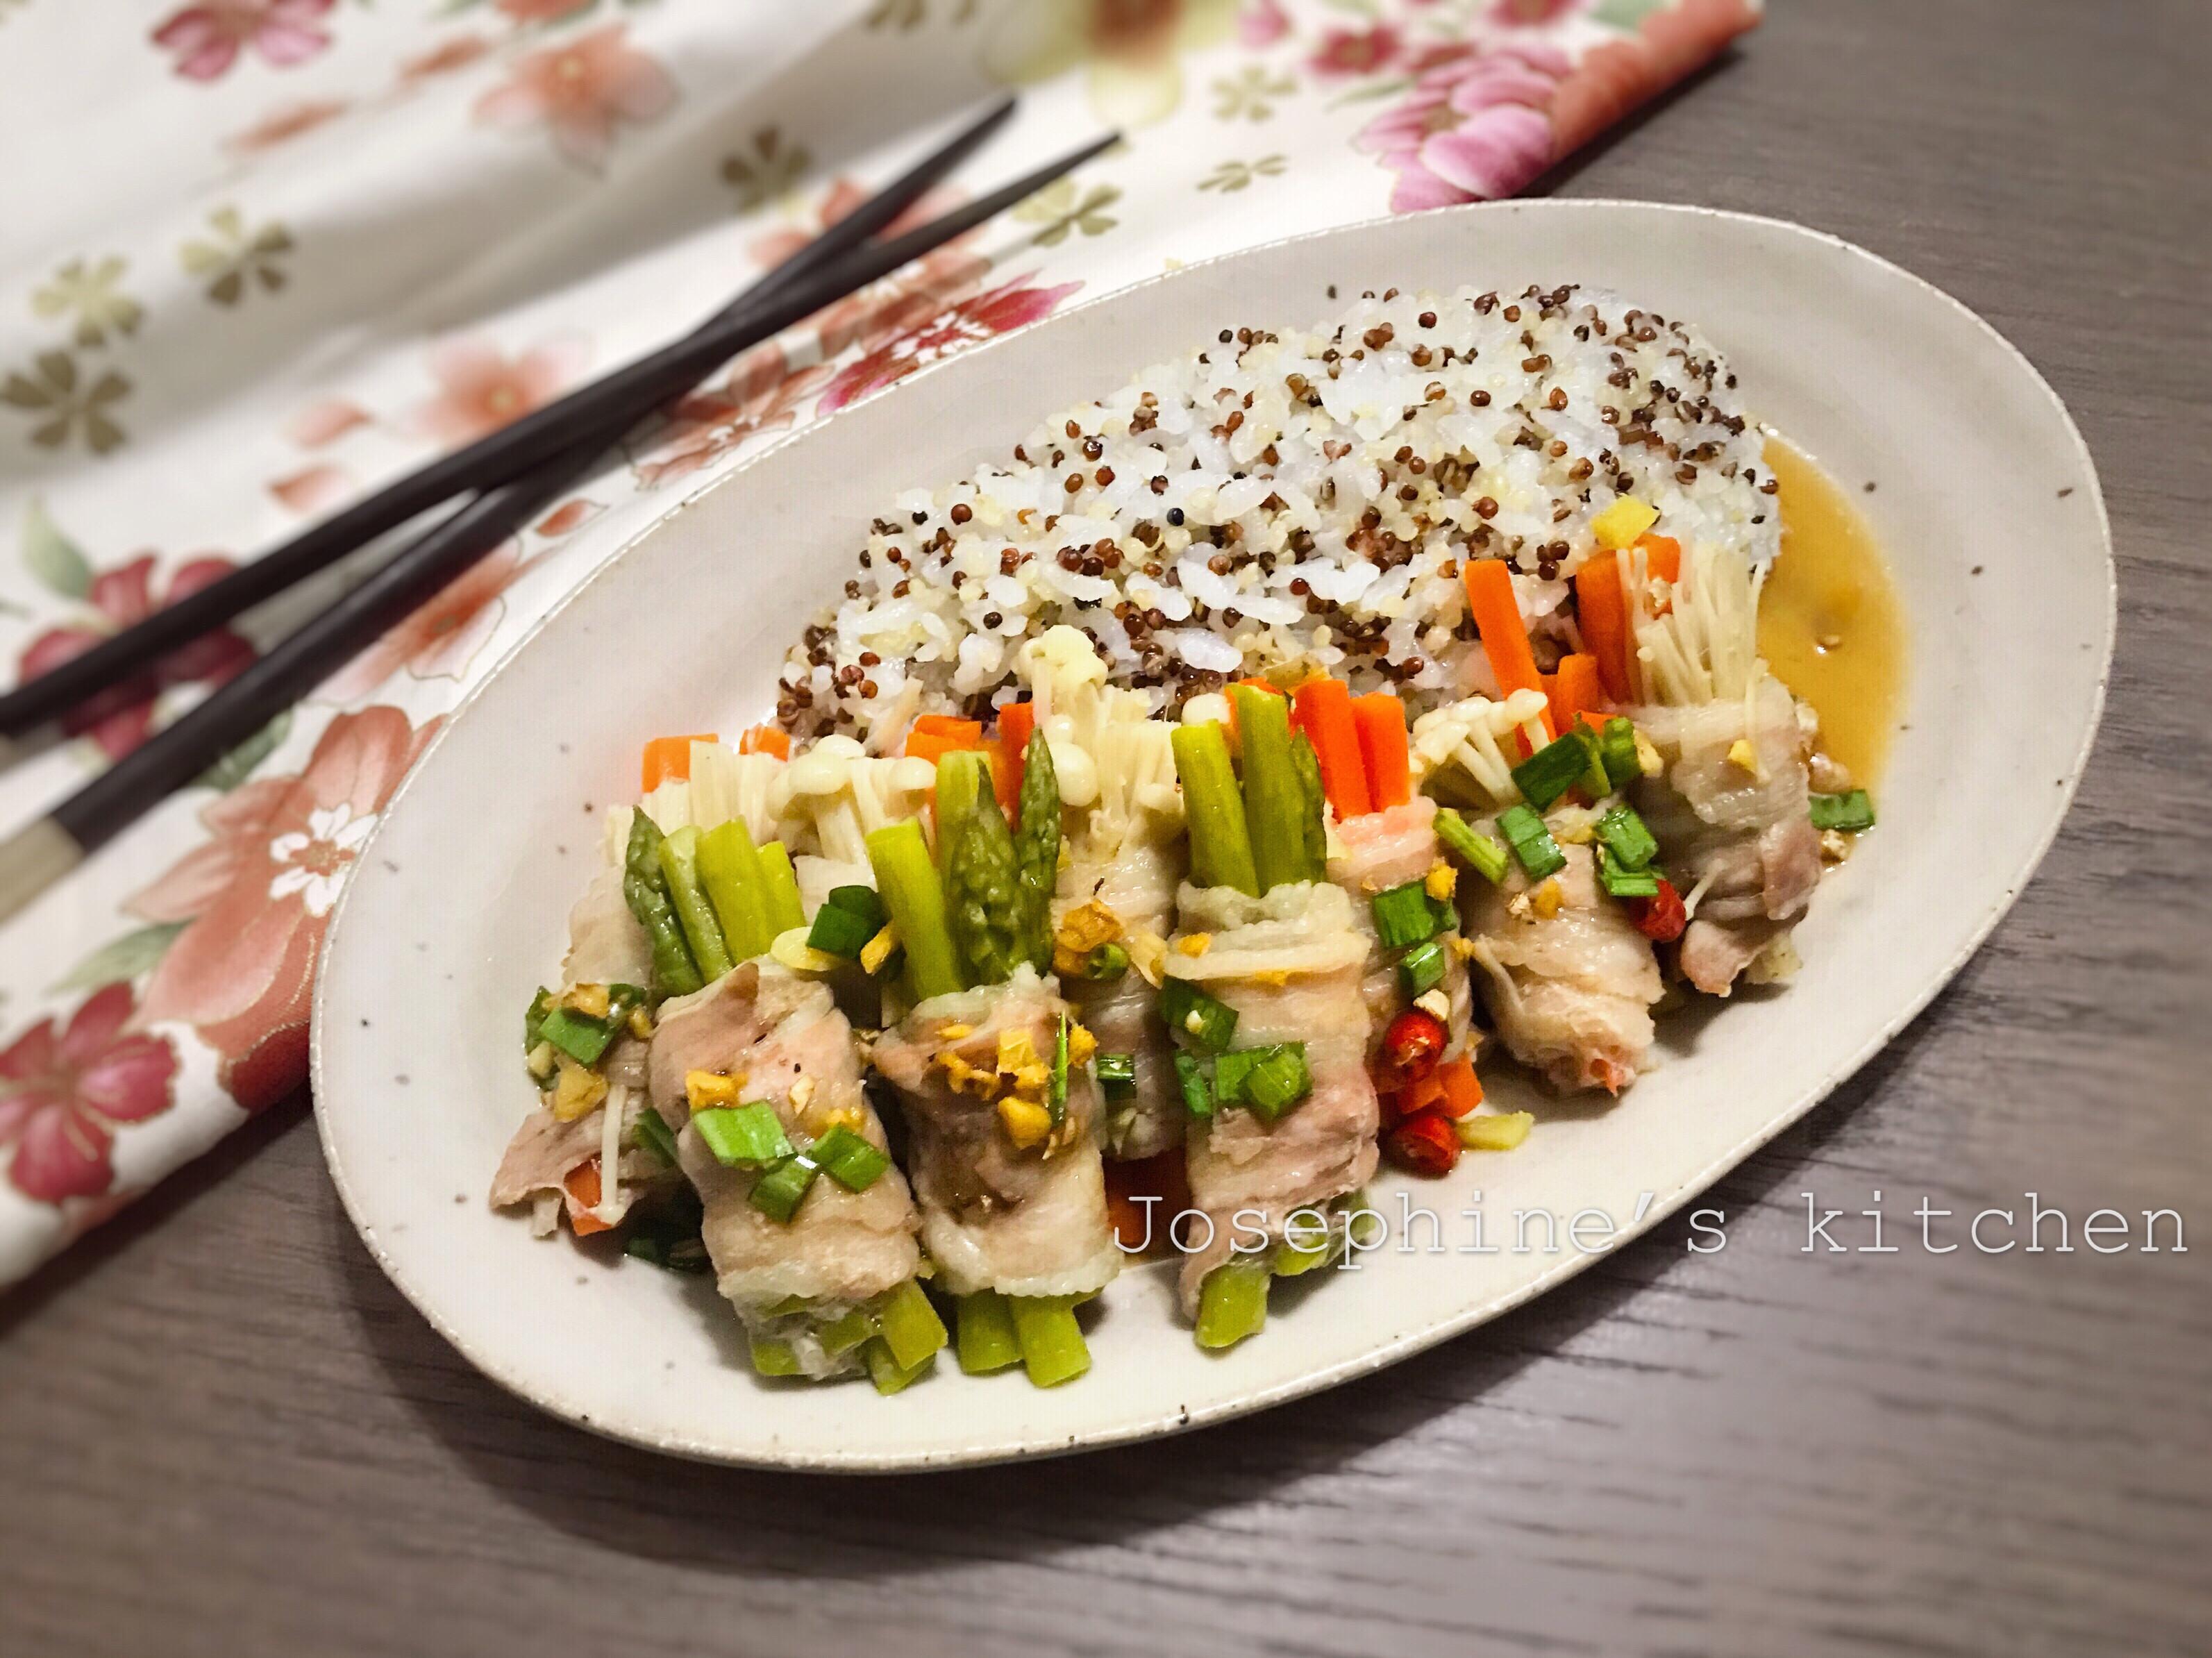 藜麥米蒸豬肉捲(電鍋料理)